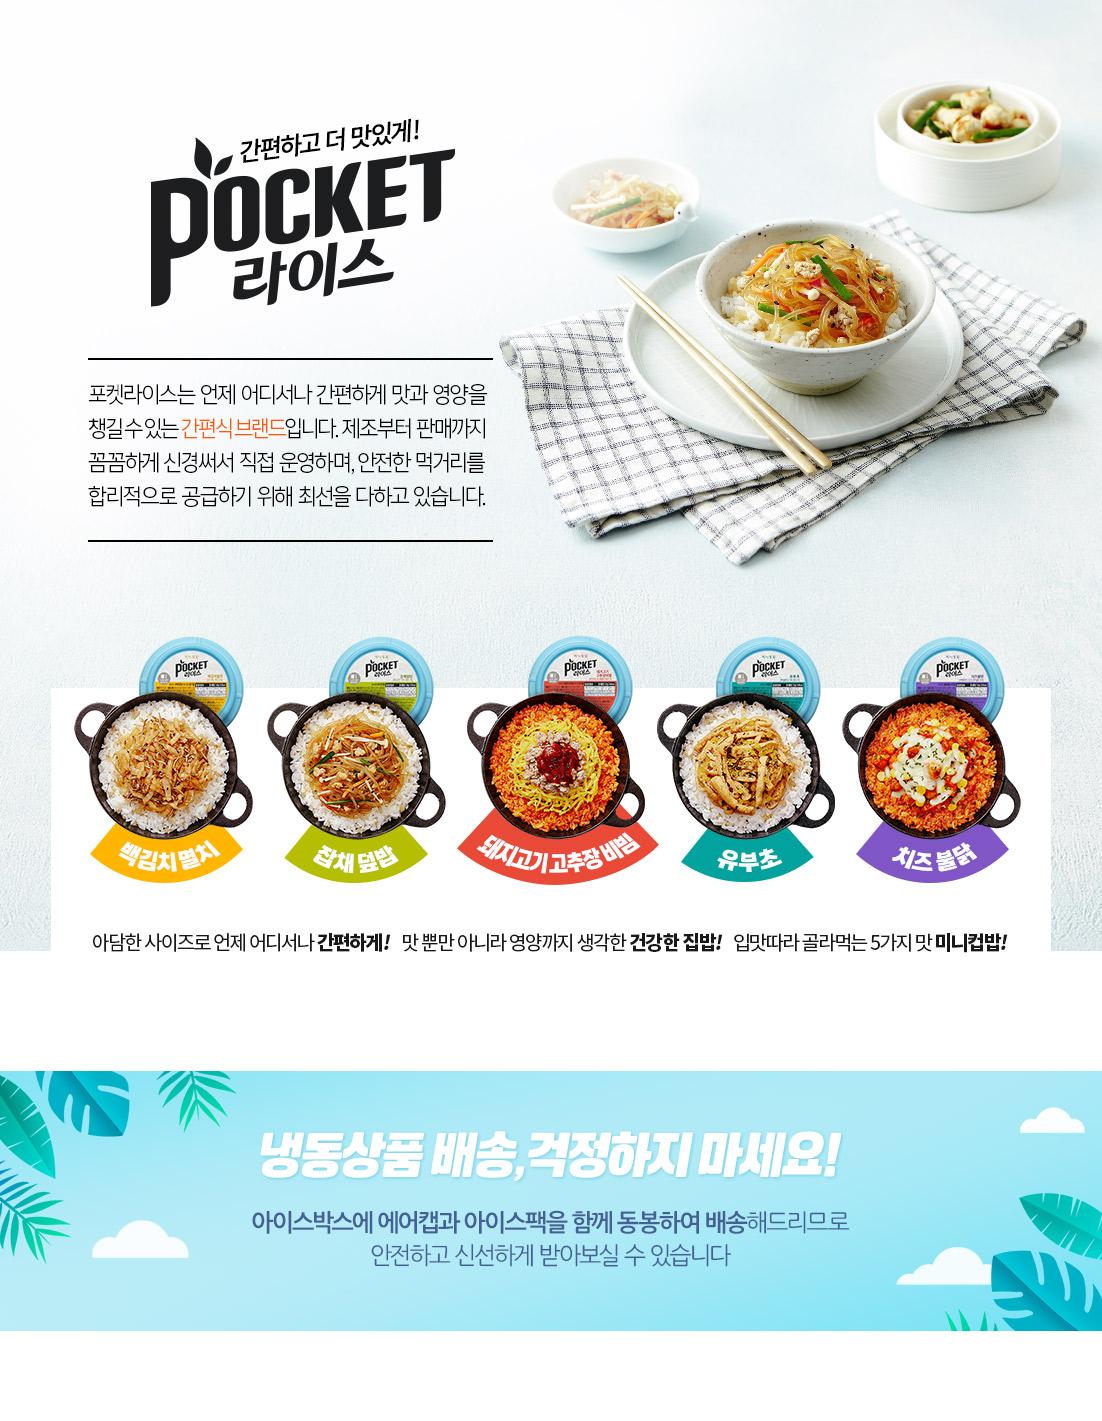 포켓라이스_intro_브랜드소개